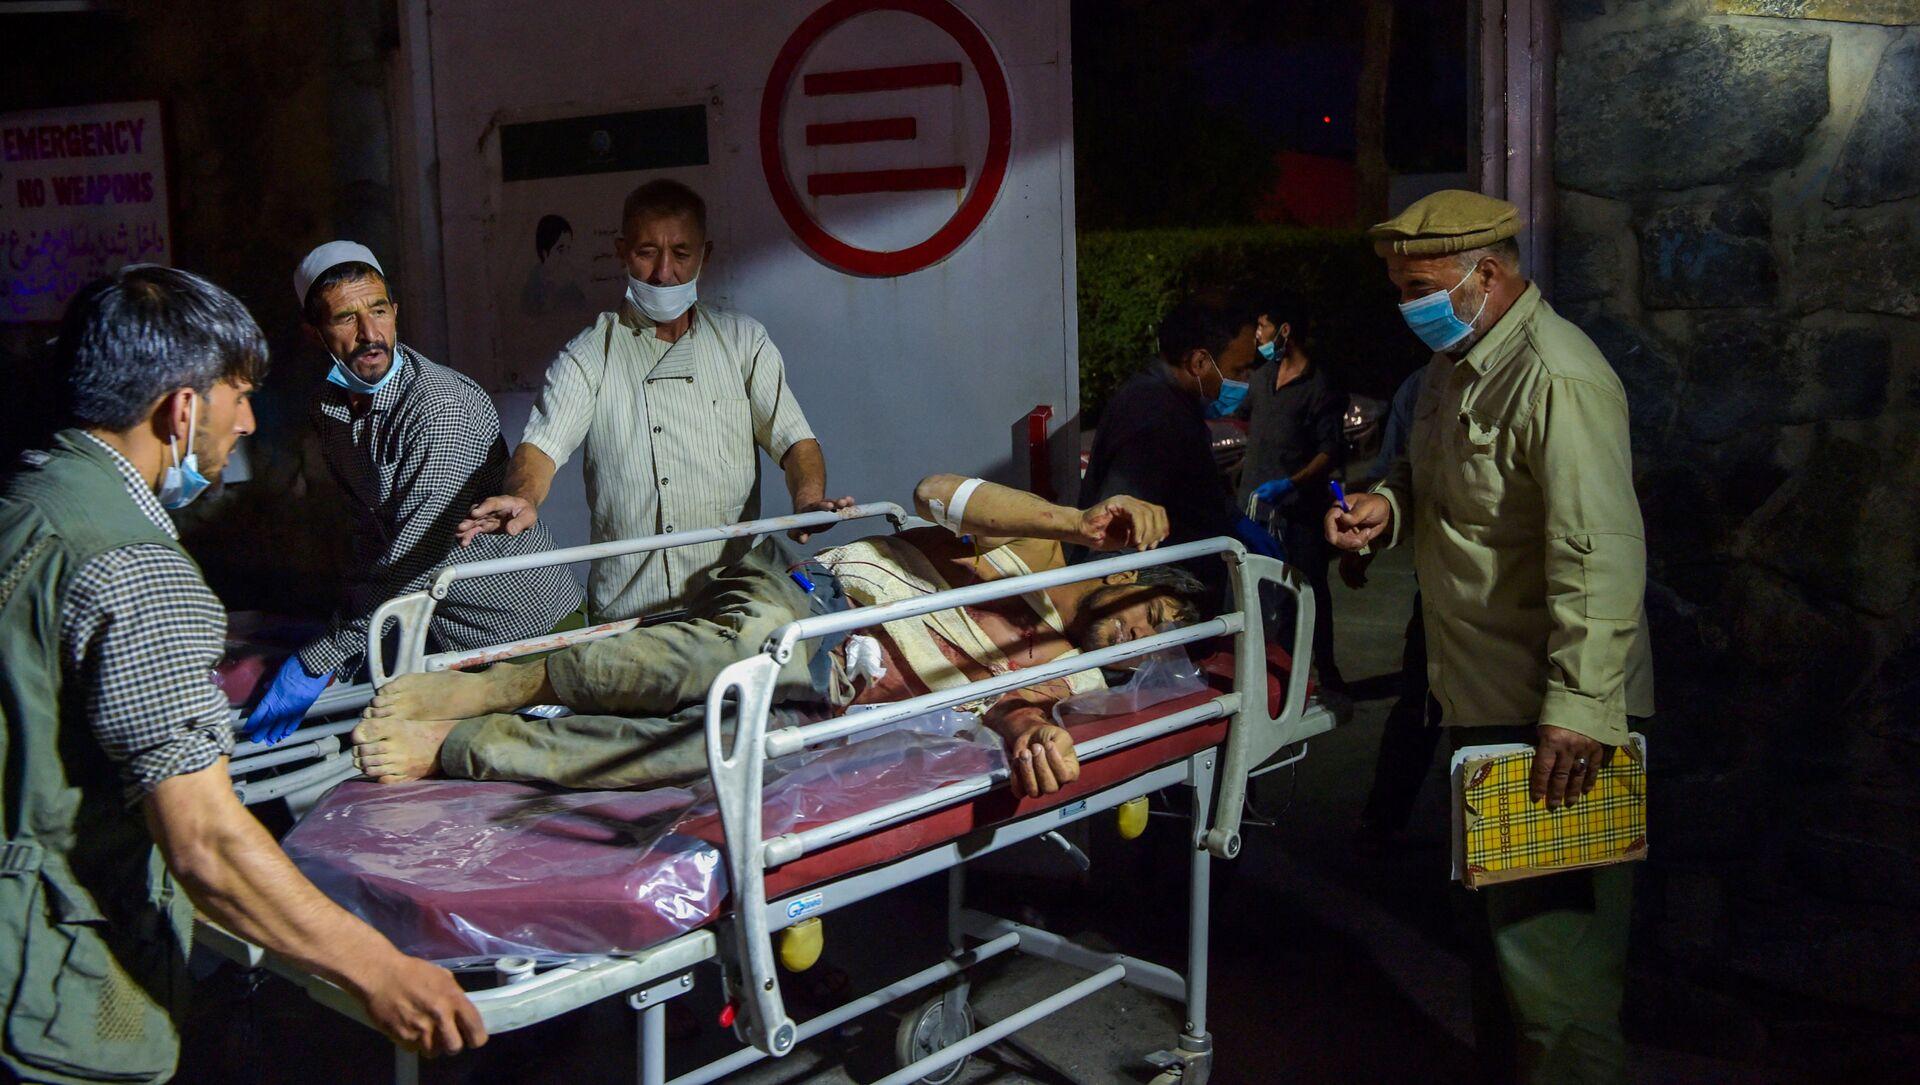 Медики помогают пострадавшим от двух мощных взрывов, произошедших в Кабуле - Sputnik Армения, 1920, 30.08.2021